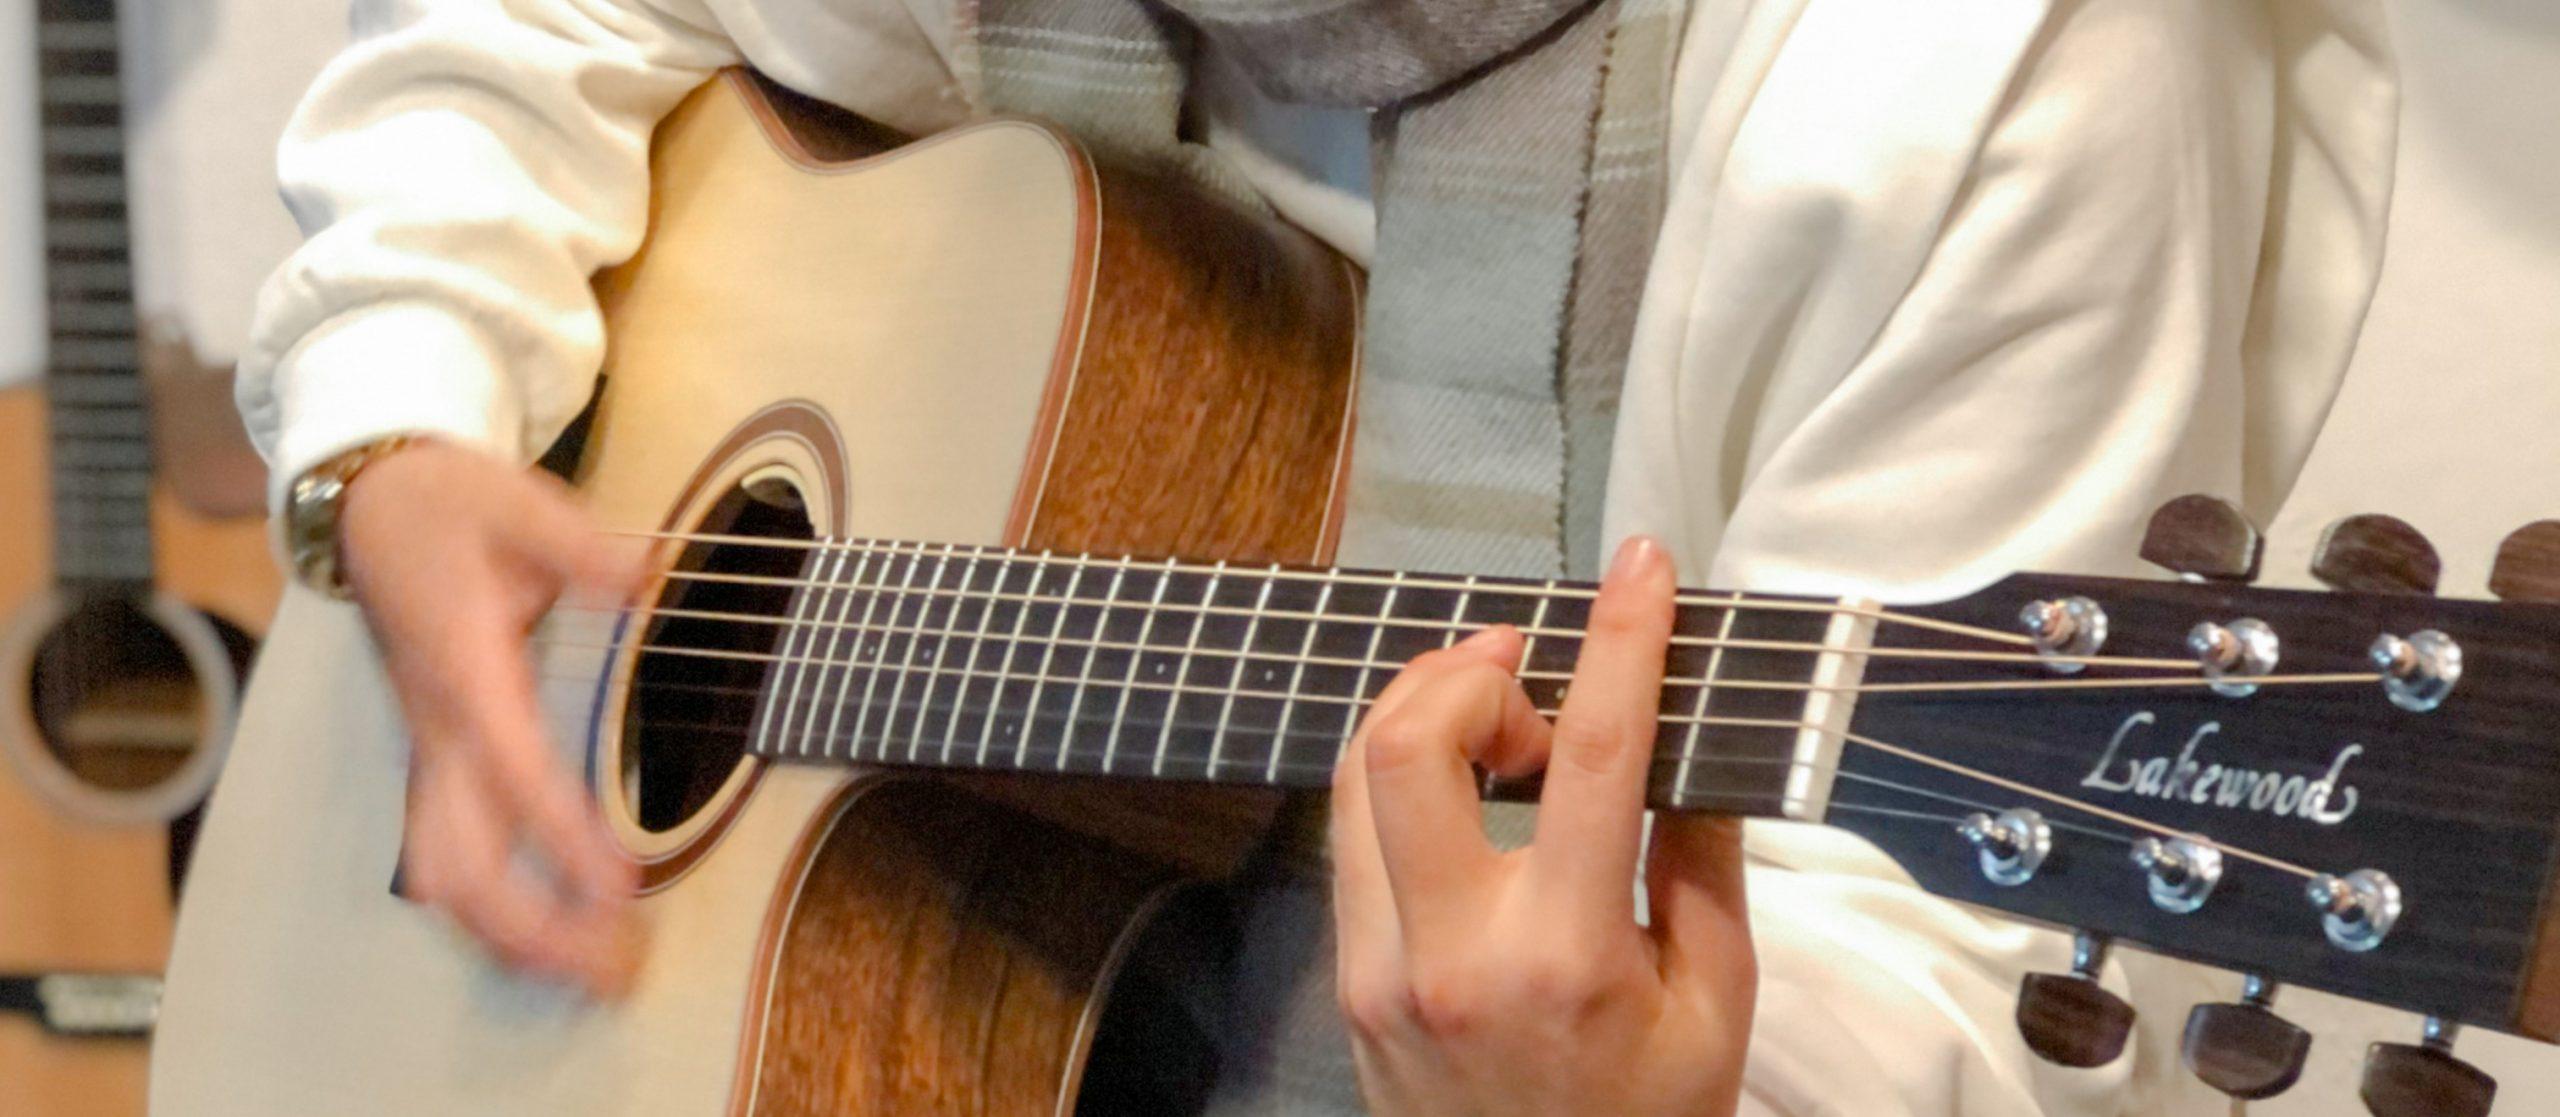 Praktikantin beim Spielen einer Westerngitarre der Marke Lakewood